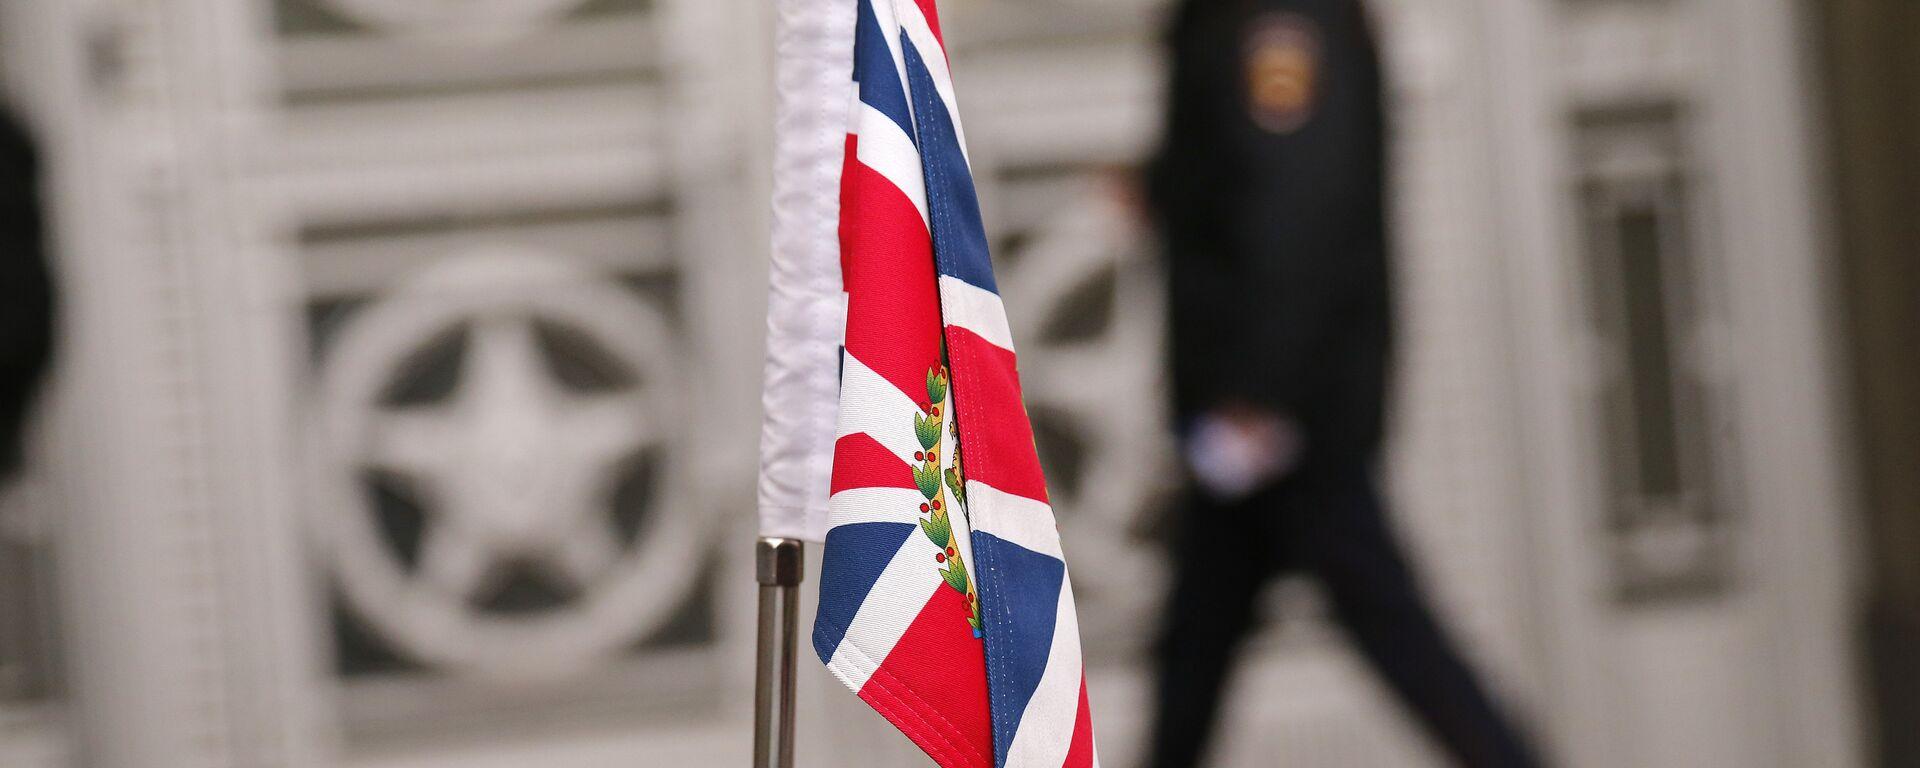 Zastava Velike Britanije ispred ambasade Rusije u Londonu - Sputnik Srbija, 1920, 11.10.2021